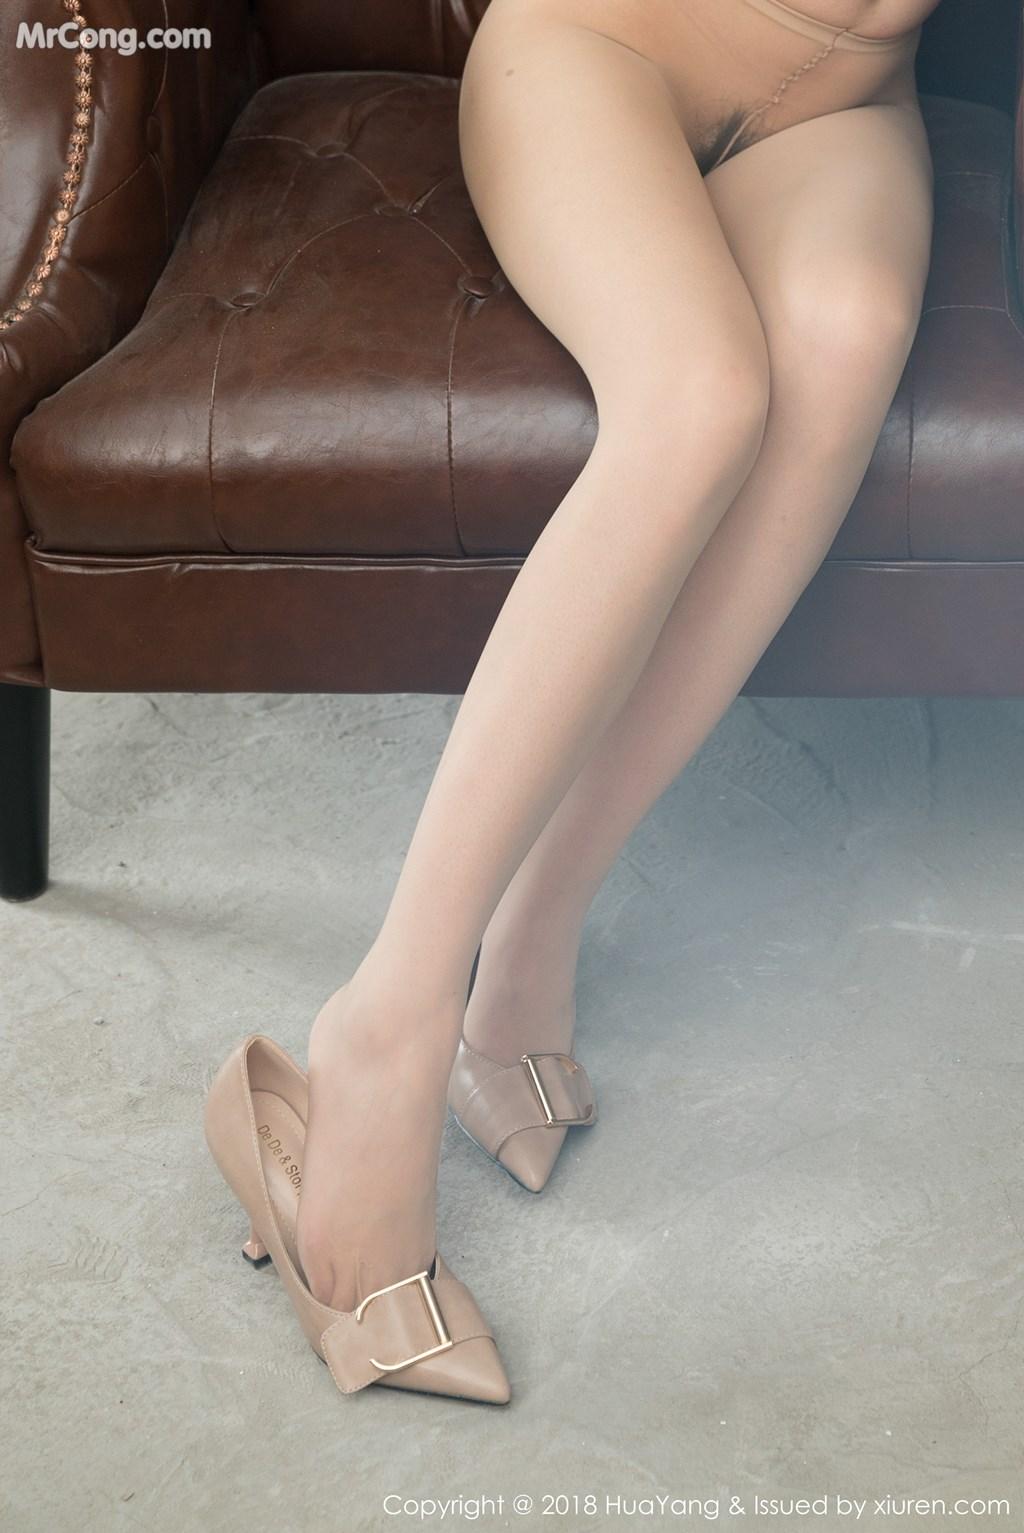 Image HuaYang-2018-03-02-Vol.034-Xiao-Tian-Xin-Candy-MrCong.com-017 in post HuaYang 2018-03-02 Vol.034: Người mẫu Xiao Tian Xin (小甜心Candy) (41 ảnh)